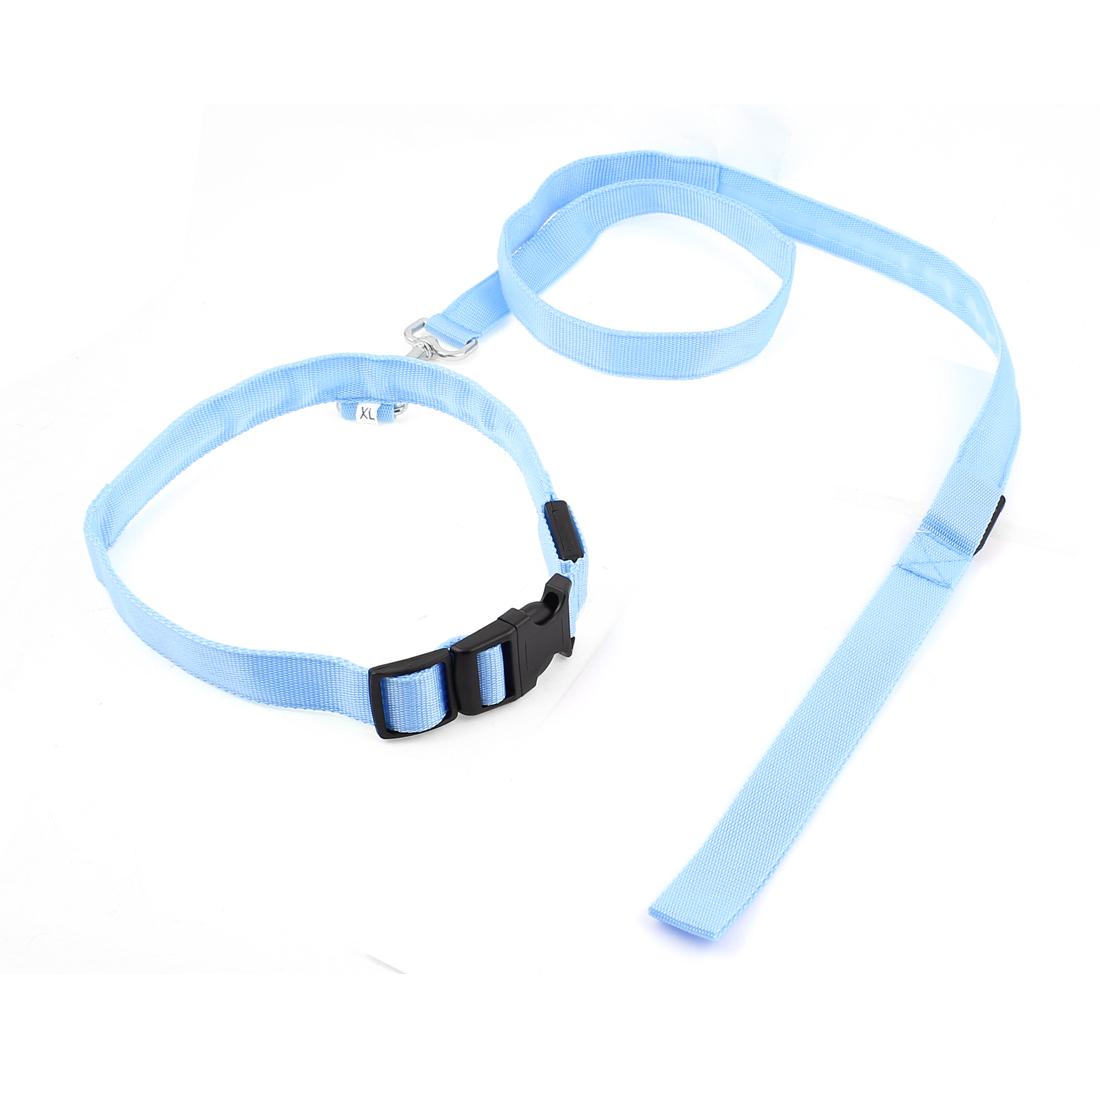 Blue LED Flash Light Release Buckle Pet Dog Adjustable Collar Leash Rope Belt